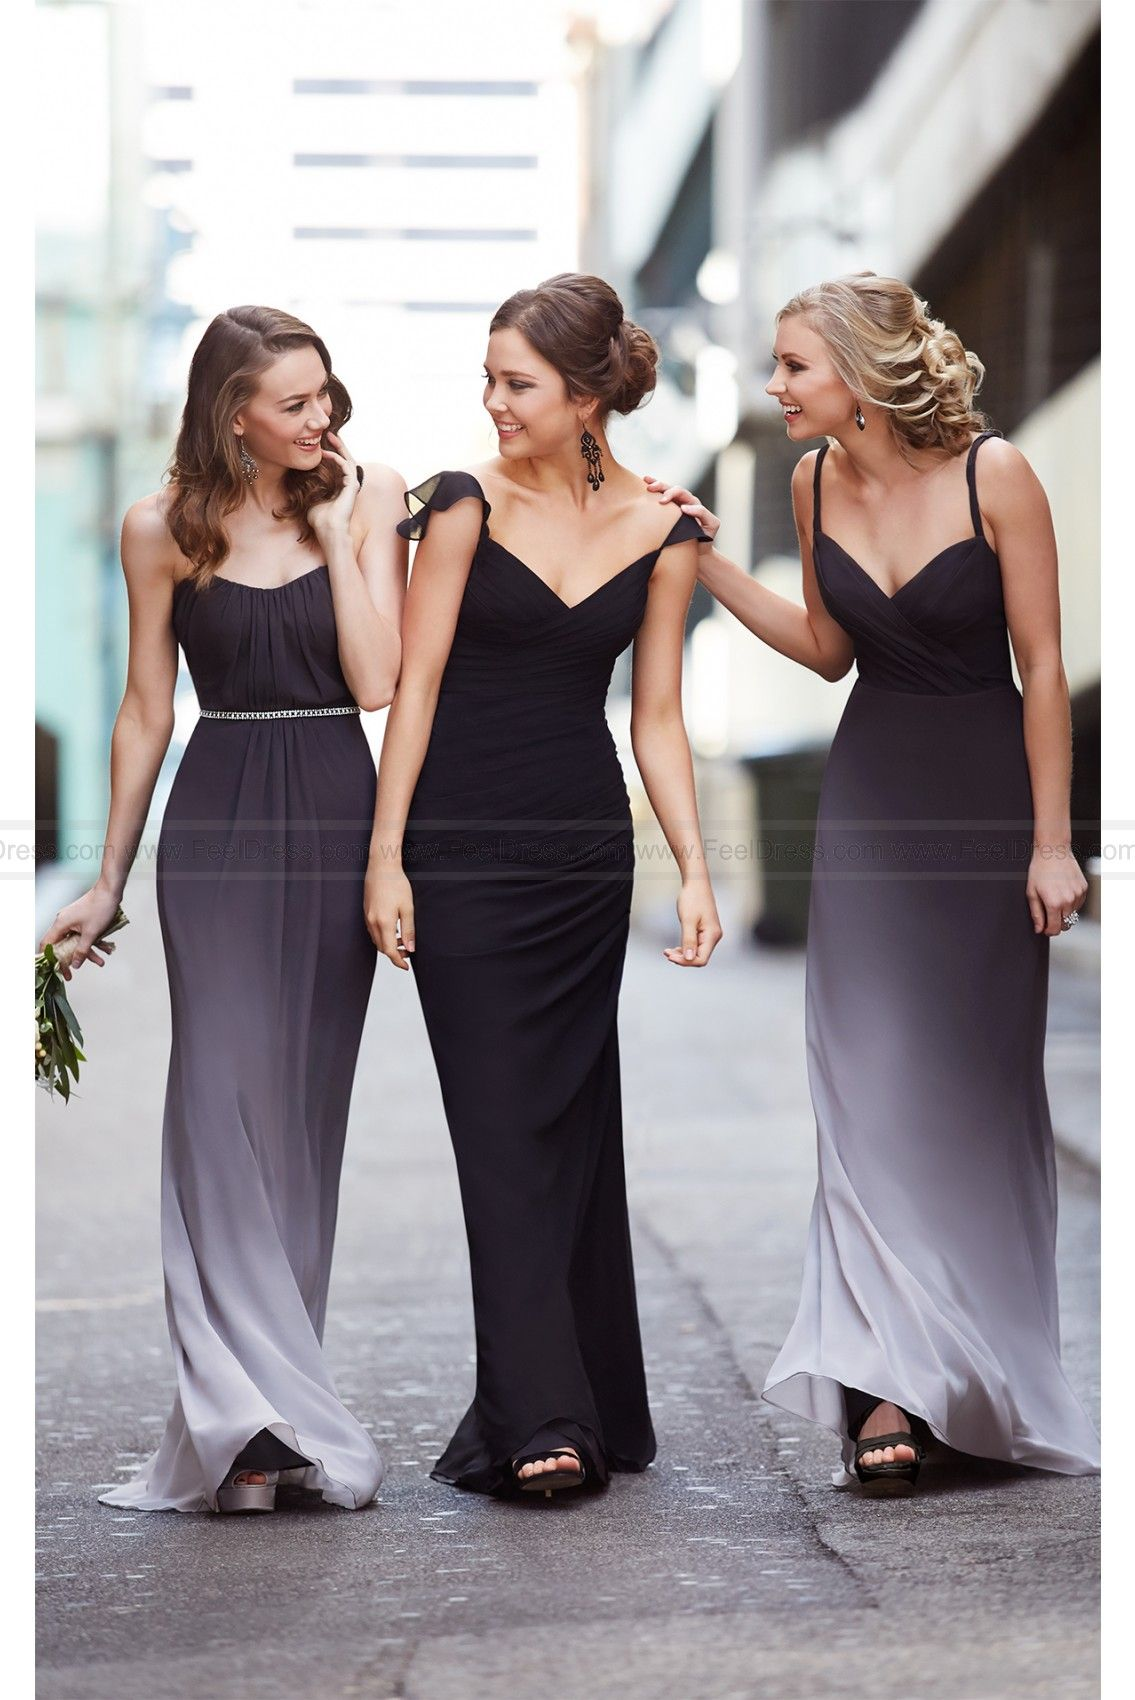 Sorella vita ombre black bridesmaid dress style 8386om sorella sorella vita ombre black bridesmaid dress style 8386om ombrellifo Images